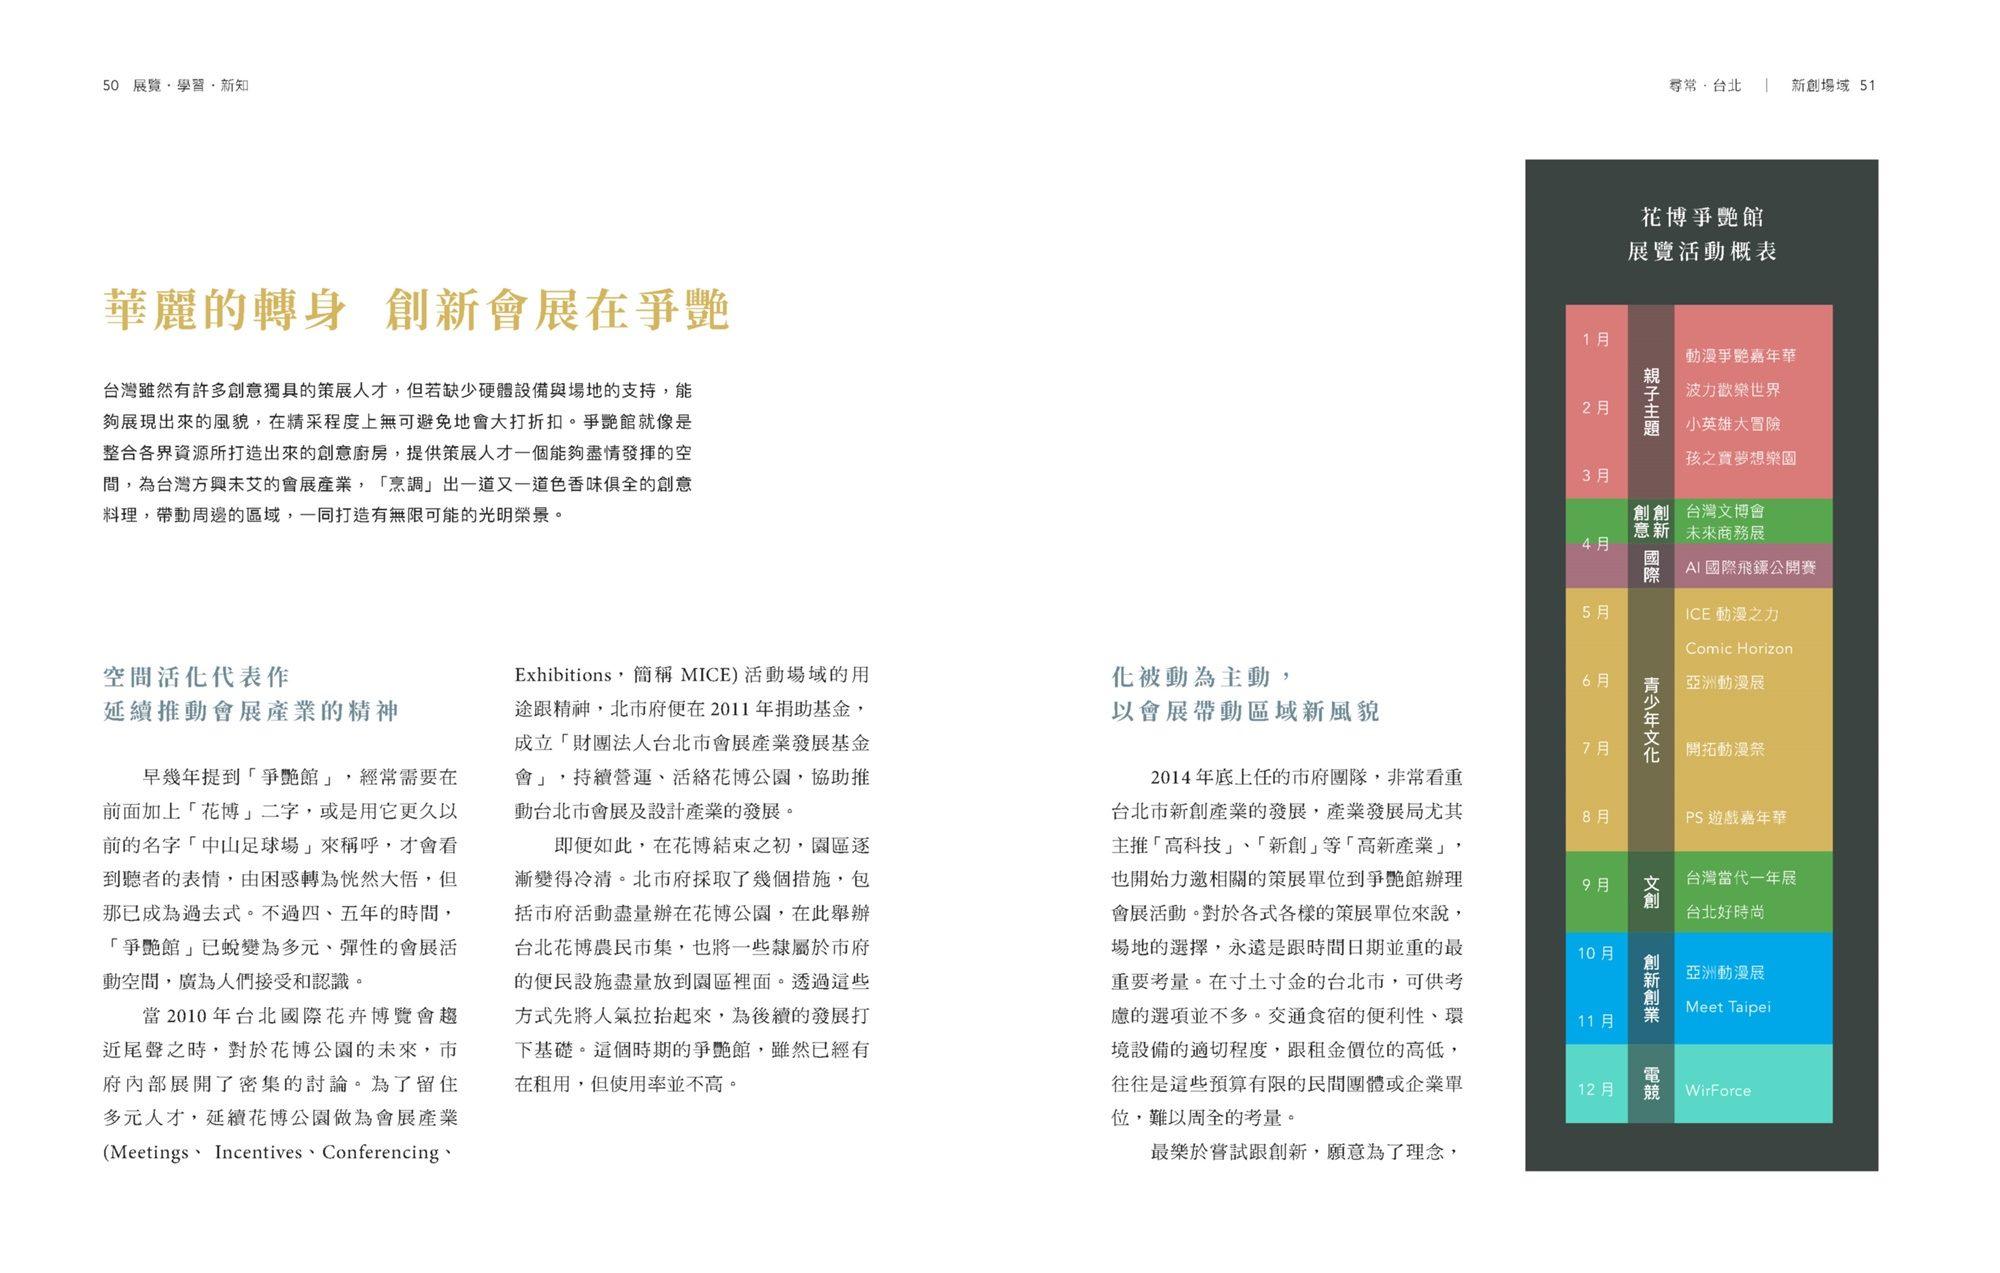 內頁縮圖4